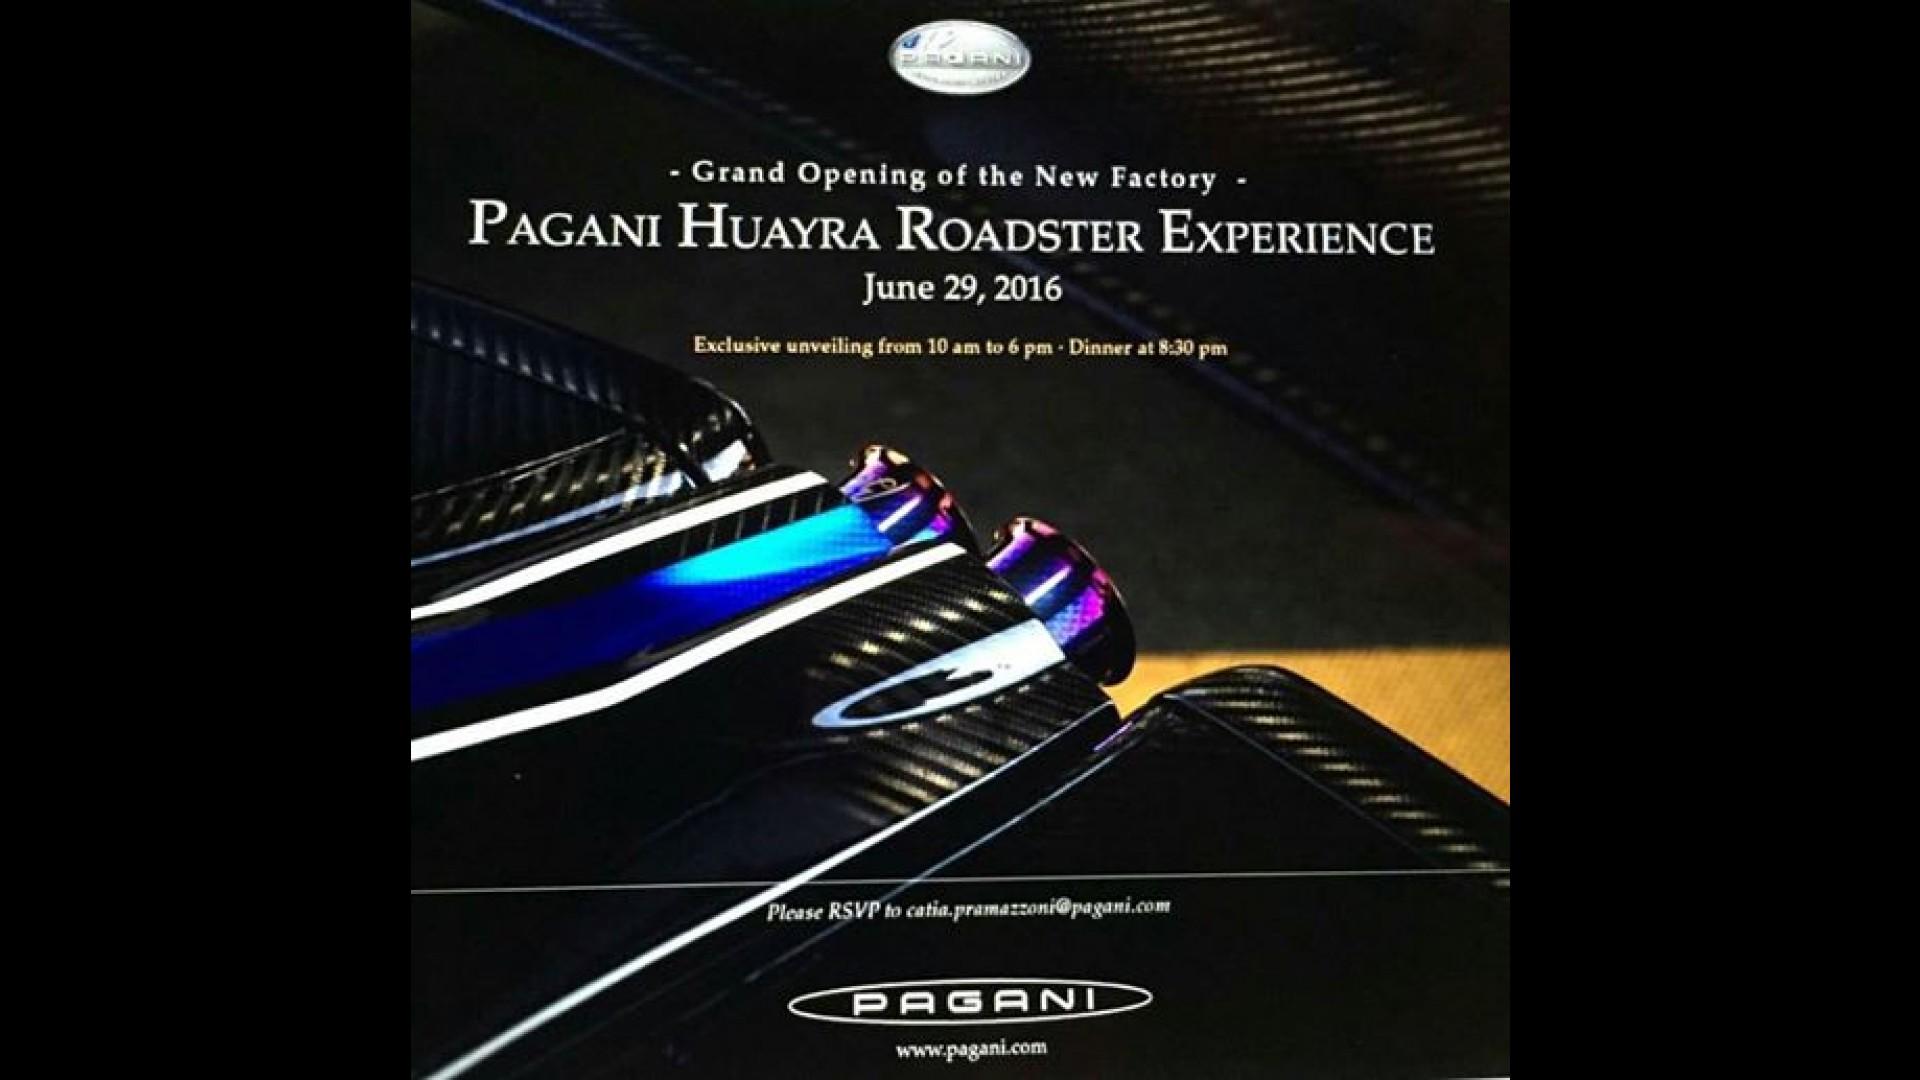 Pagani Huayra Roadster kapalı kapılar ardında tanıtıldı